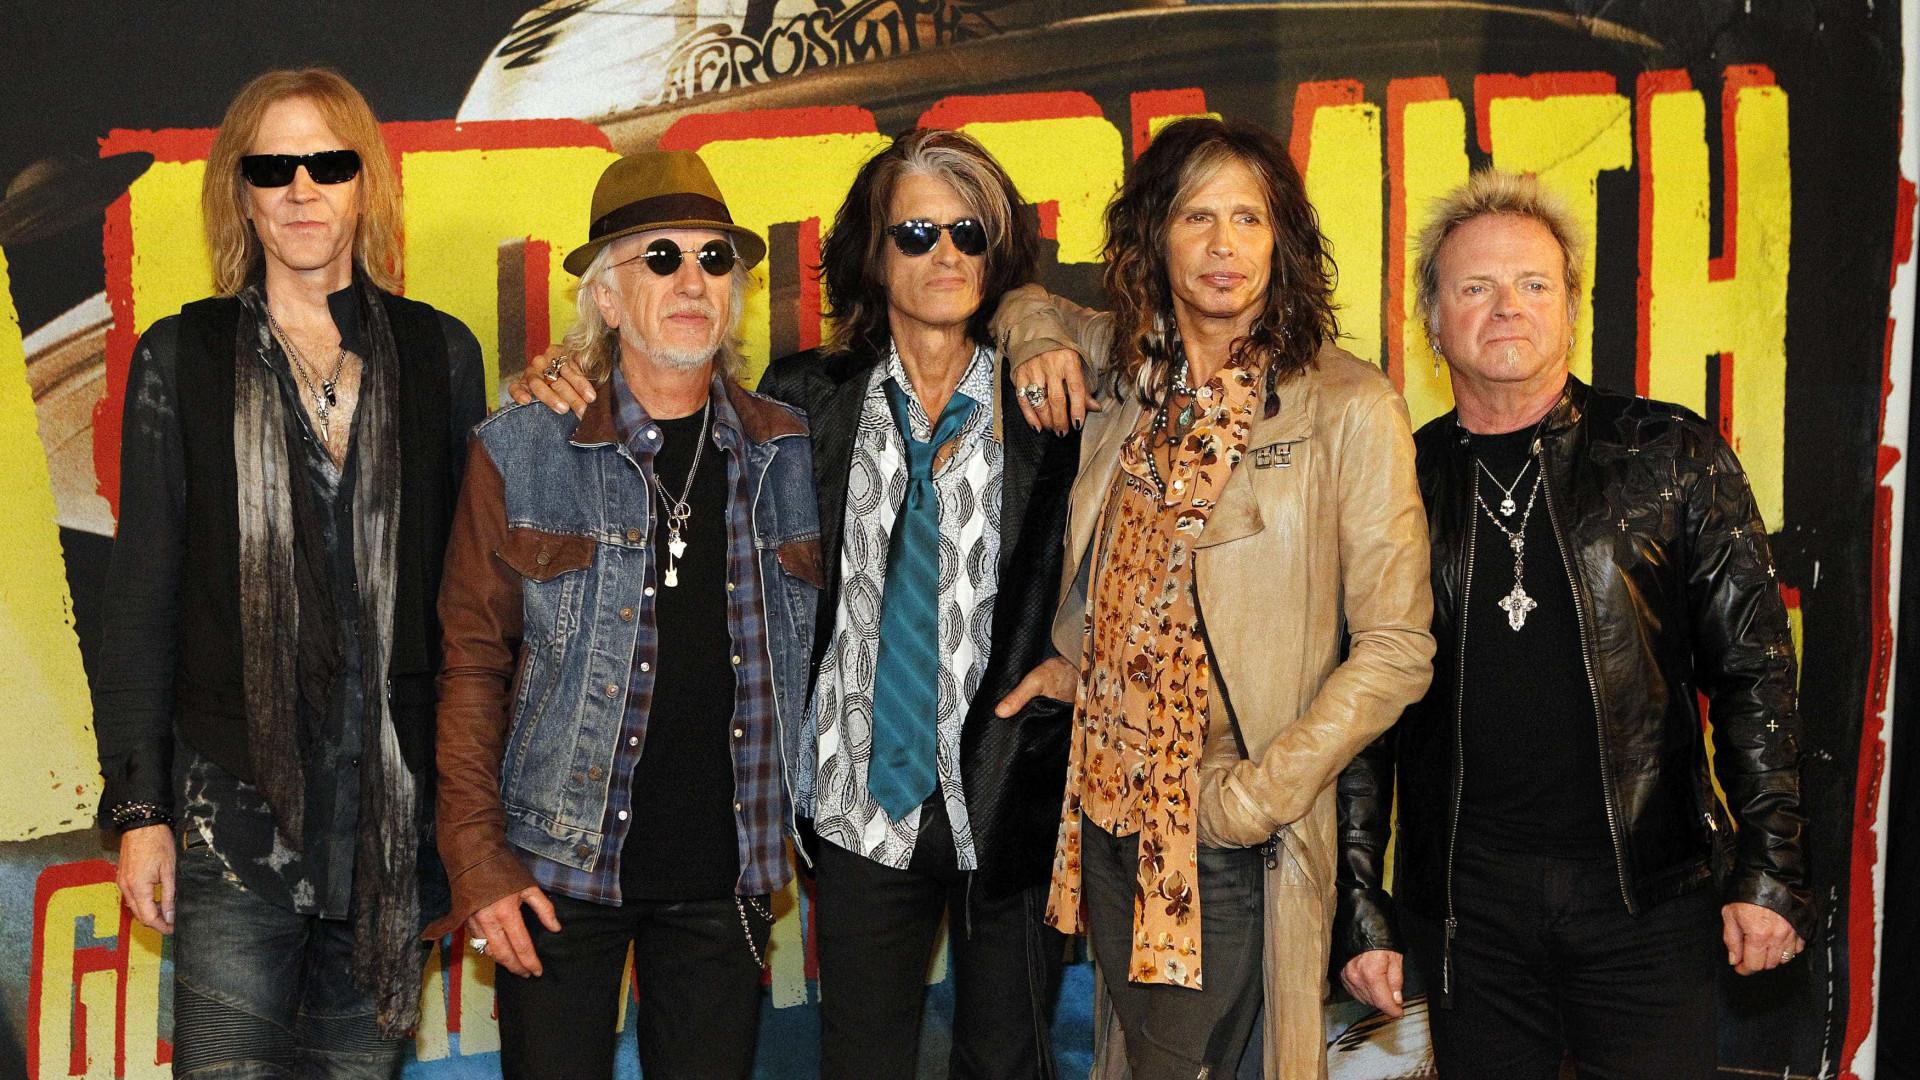 No camarim do RiR, Aerosmith pede picanha, arroz, feijão e farofa